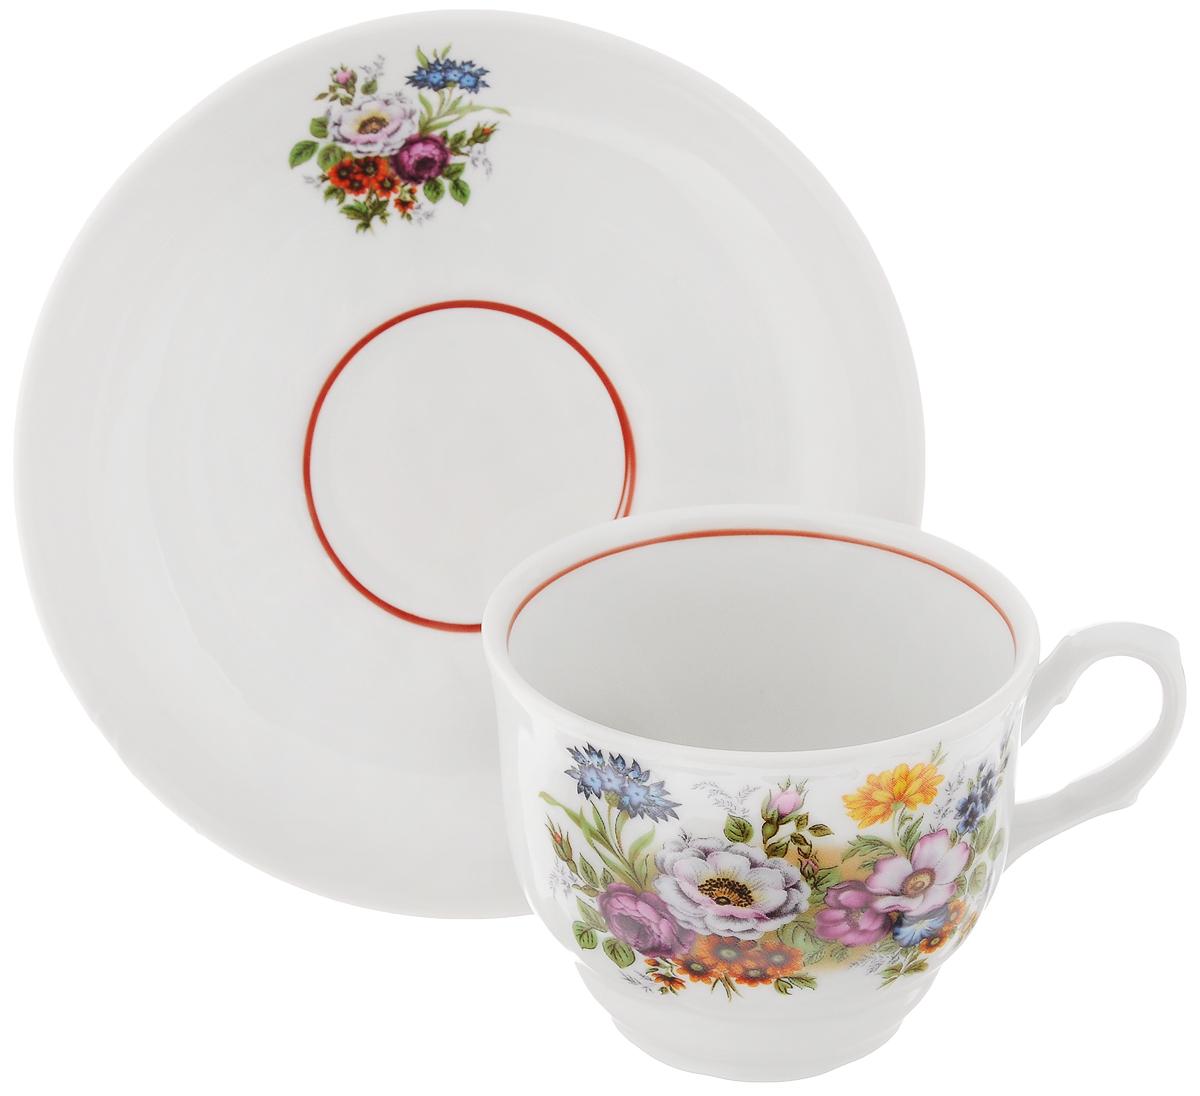 Чайная пара Тюльпан. Букет цветов, 2 предмета54 009312Чайная пара Тюльпан. Букет цветов состоит из чашки и блюдца, изготовленных из высококачественного фарфора. Яркий дизайн изделий, несомненно, придется вам по вкусу.Чайная пара Тюльпан. Букет цветов украсит ваш кухонный стол, а также станет замечательным подарком к любому празднику.Диаметр чашки (по верхнему краю): 8,5 см.Высота чашки: 7 см.Диаметр блюдца (по верхнему краю): 15 см.Высота блюдца: 3 см.